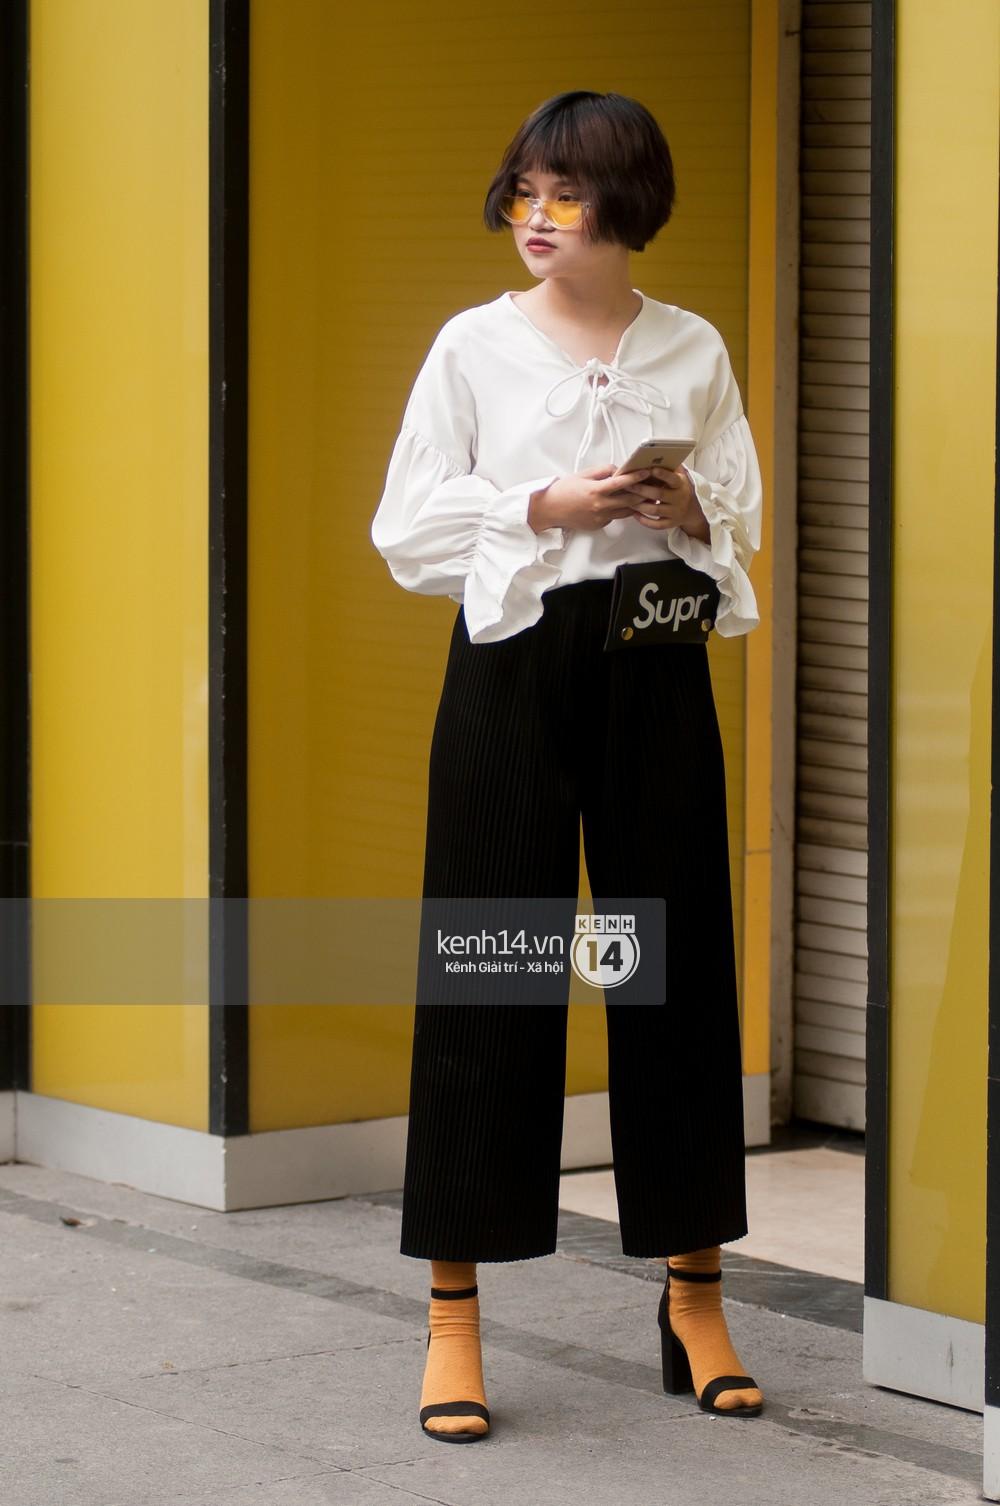 Street style 2 miền: Bên cạnh những món đồ hot trend, diện đồ đôi chính là chiêu mới để các bạn trẻ thể hiện phong cách - Ảnh 8.